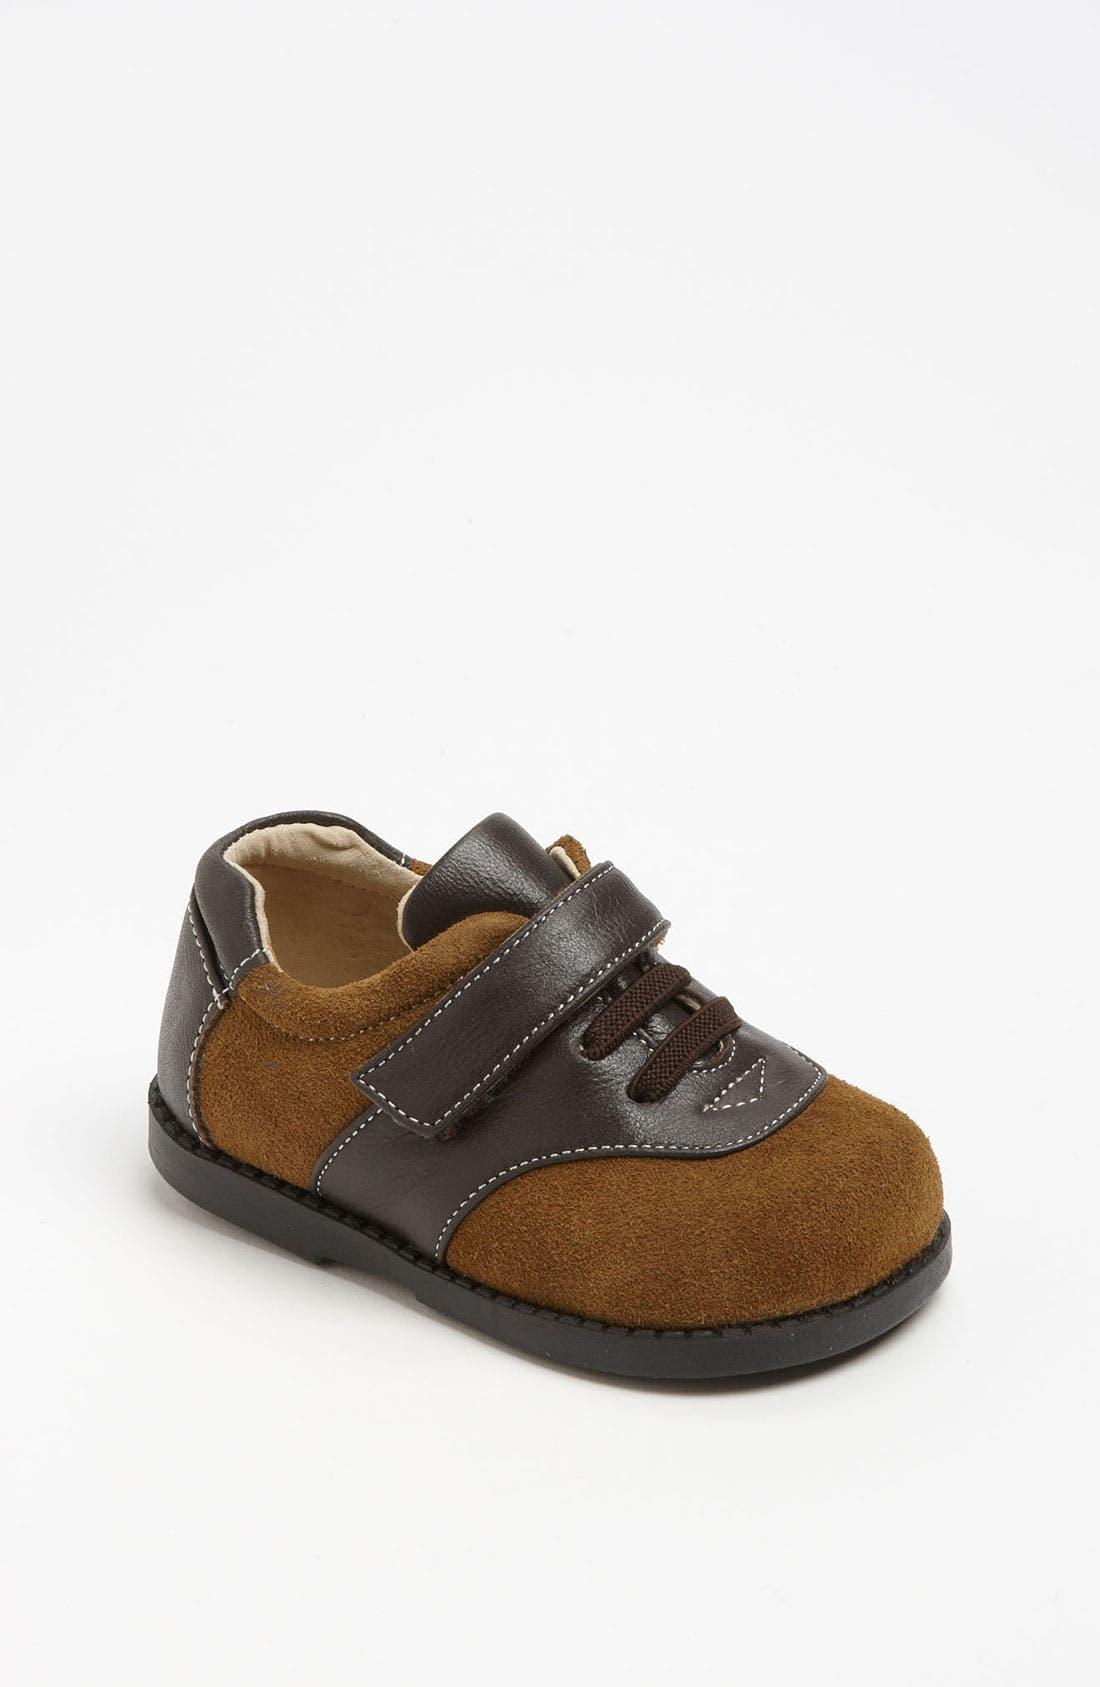 Alternate Image 1 Selected - See Kai Run 'Joshua' Dress Shoe (Baby, Walker & Toddler)